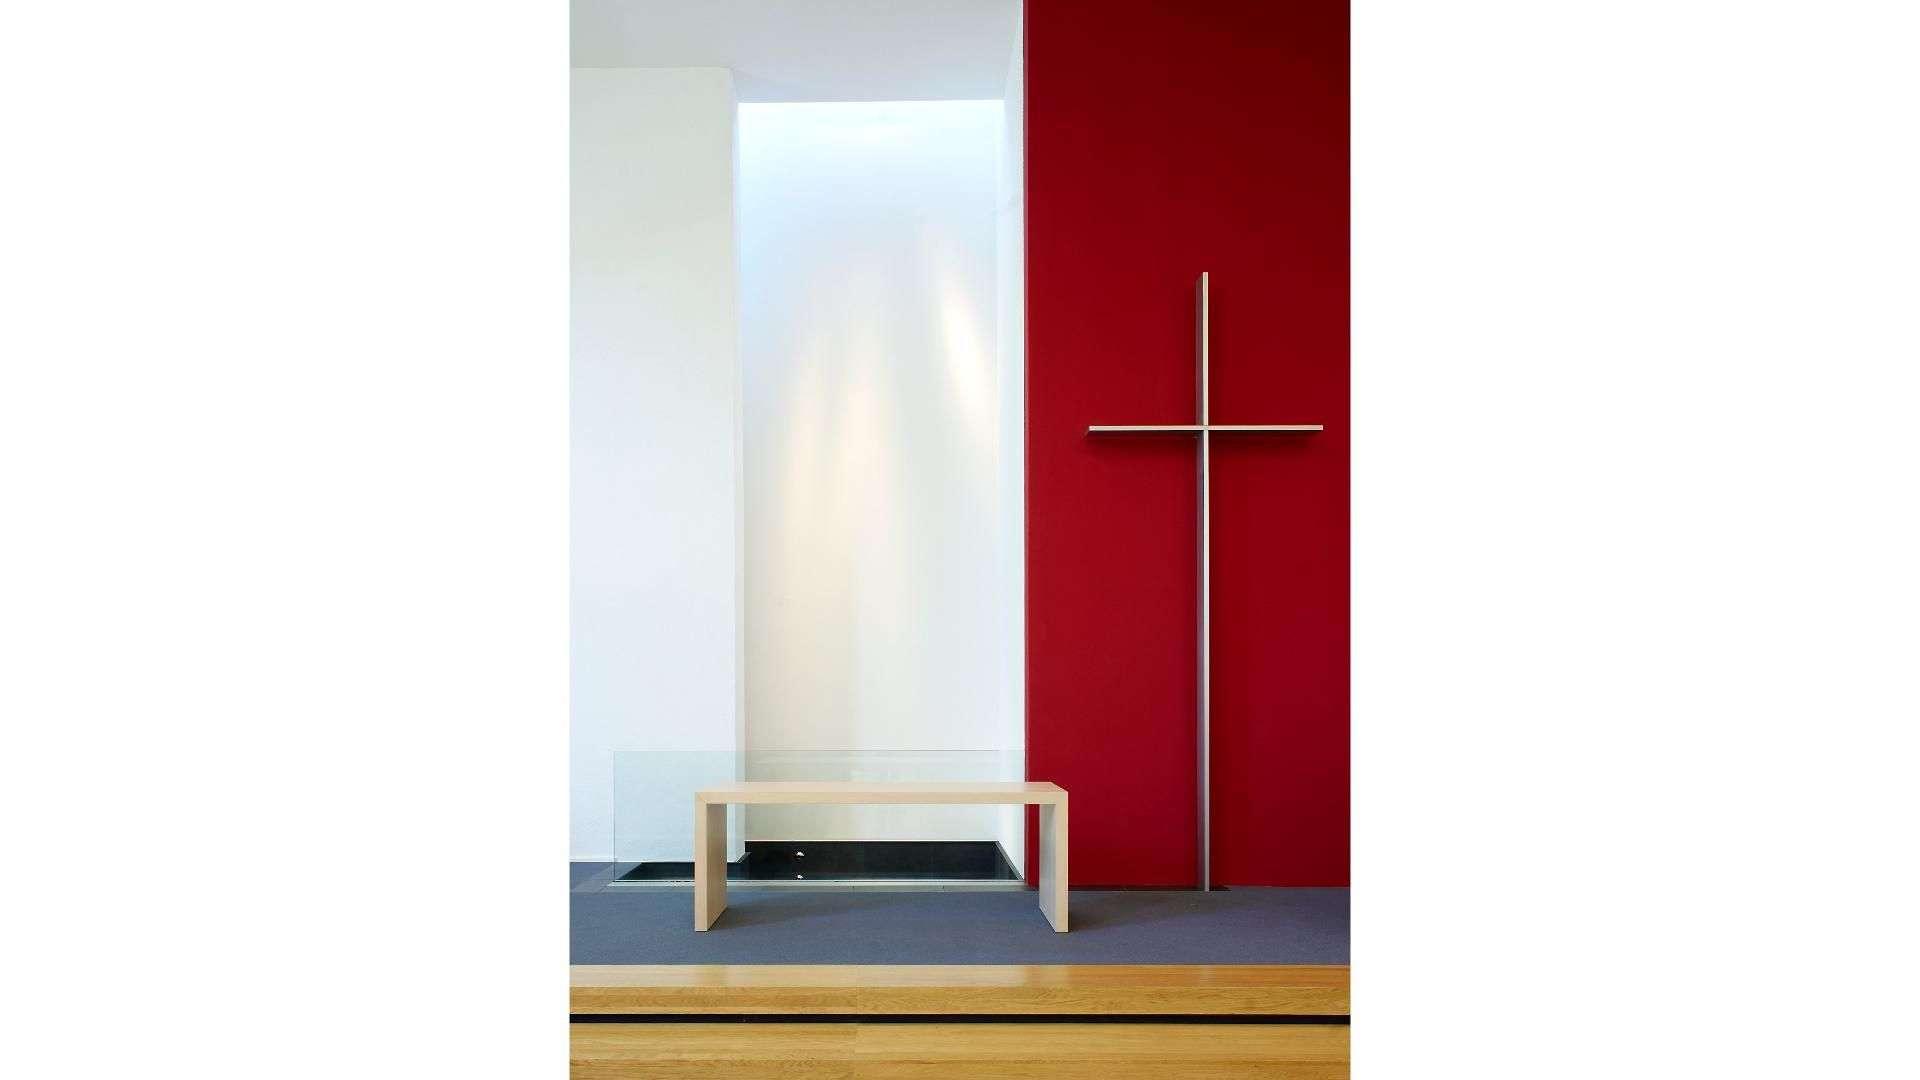 Blick auf den Altar einer Kirche